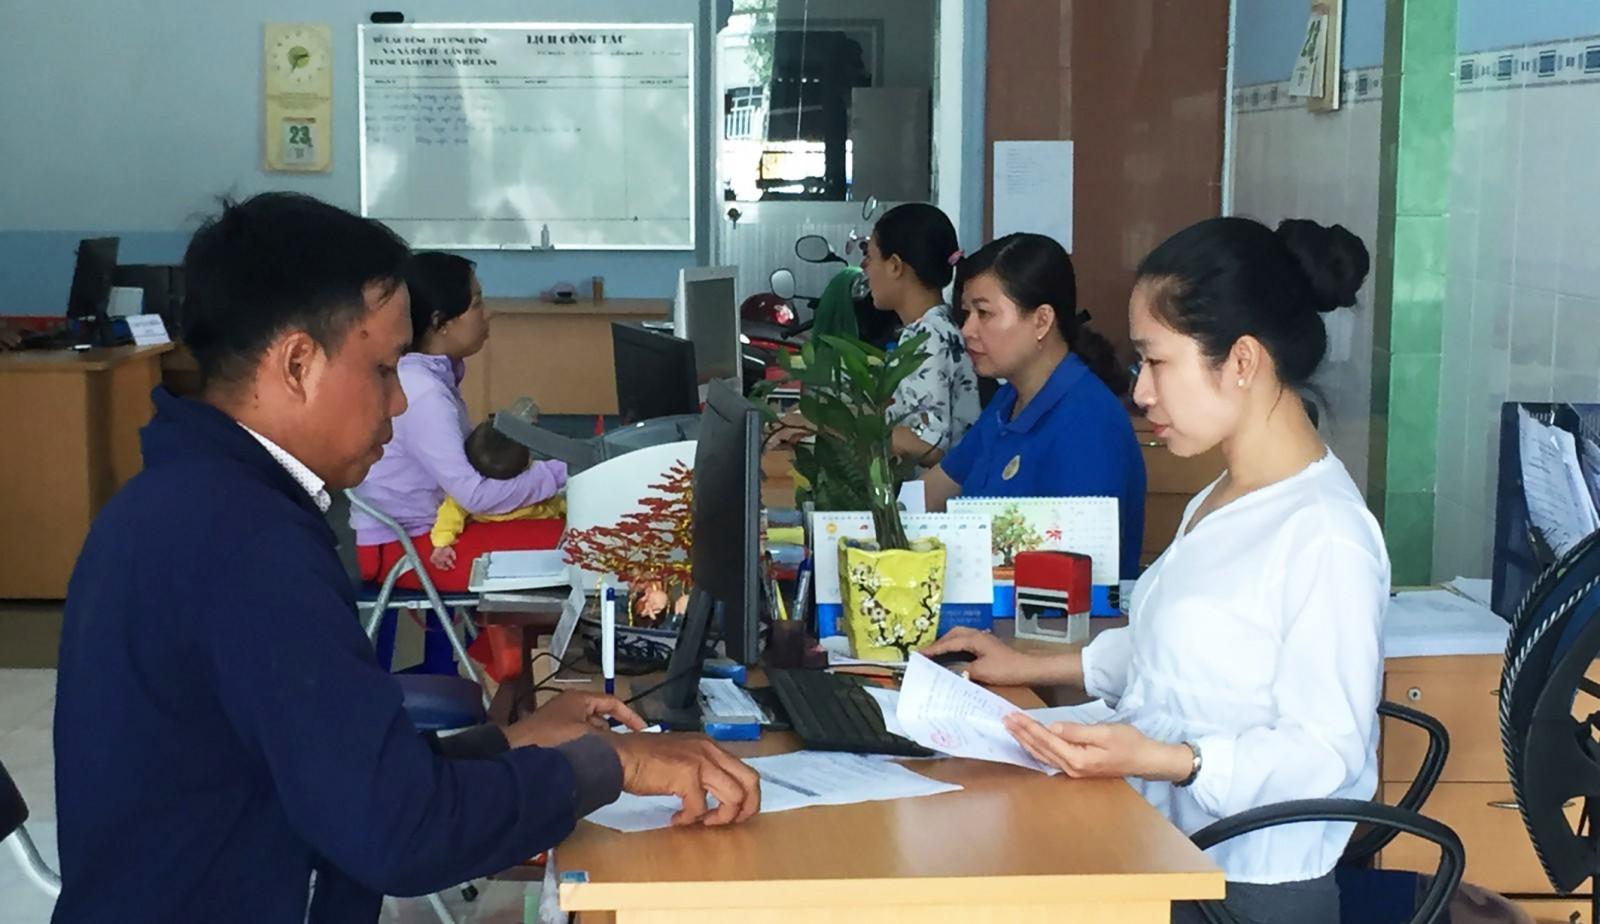 Người lao động làm thủ tục hưởng BHTN tại Văn phòng giao dịch của Trung tâm Dịch vụ giới thiệu việc làm TP Cần Thơ, đặt tại quận Ô Môn.